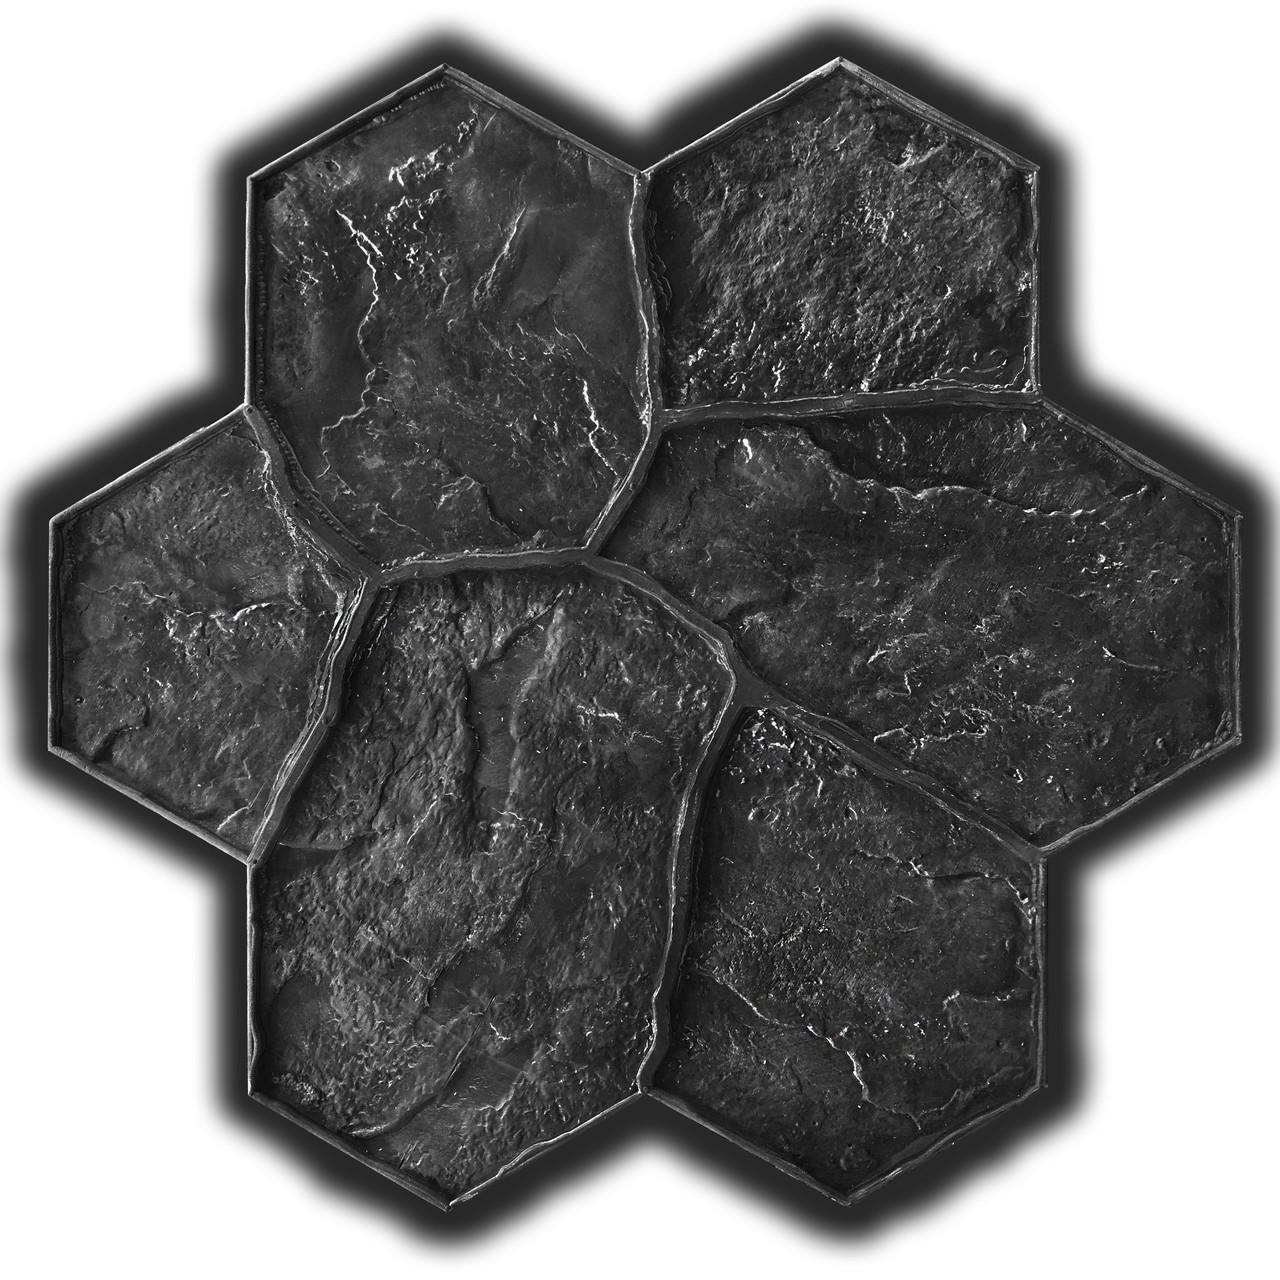 Садовый камень Цветок 61х59 см -  штамп резиновый для печатного бетона; хаотичная укладка натурального камня